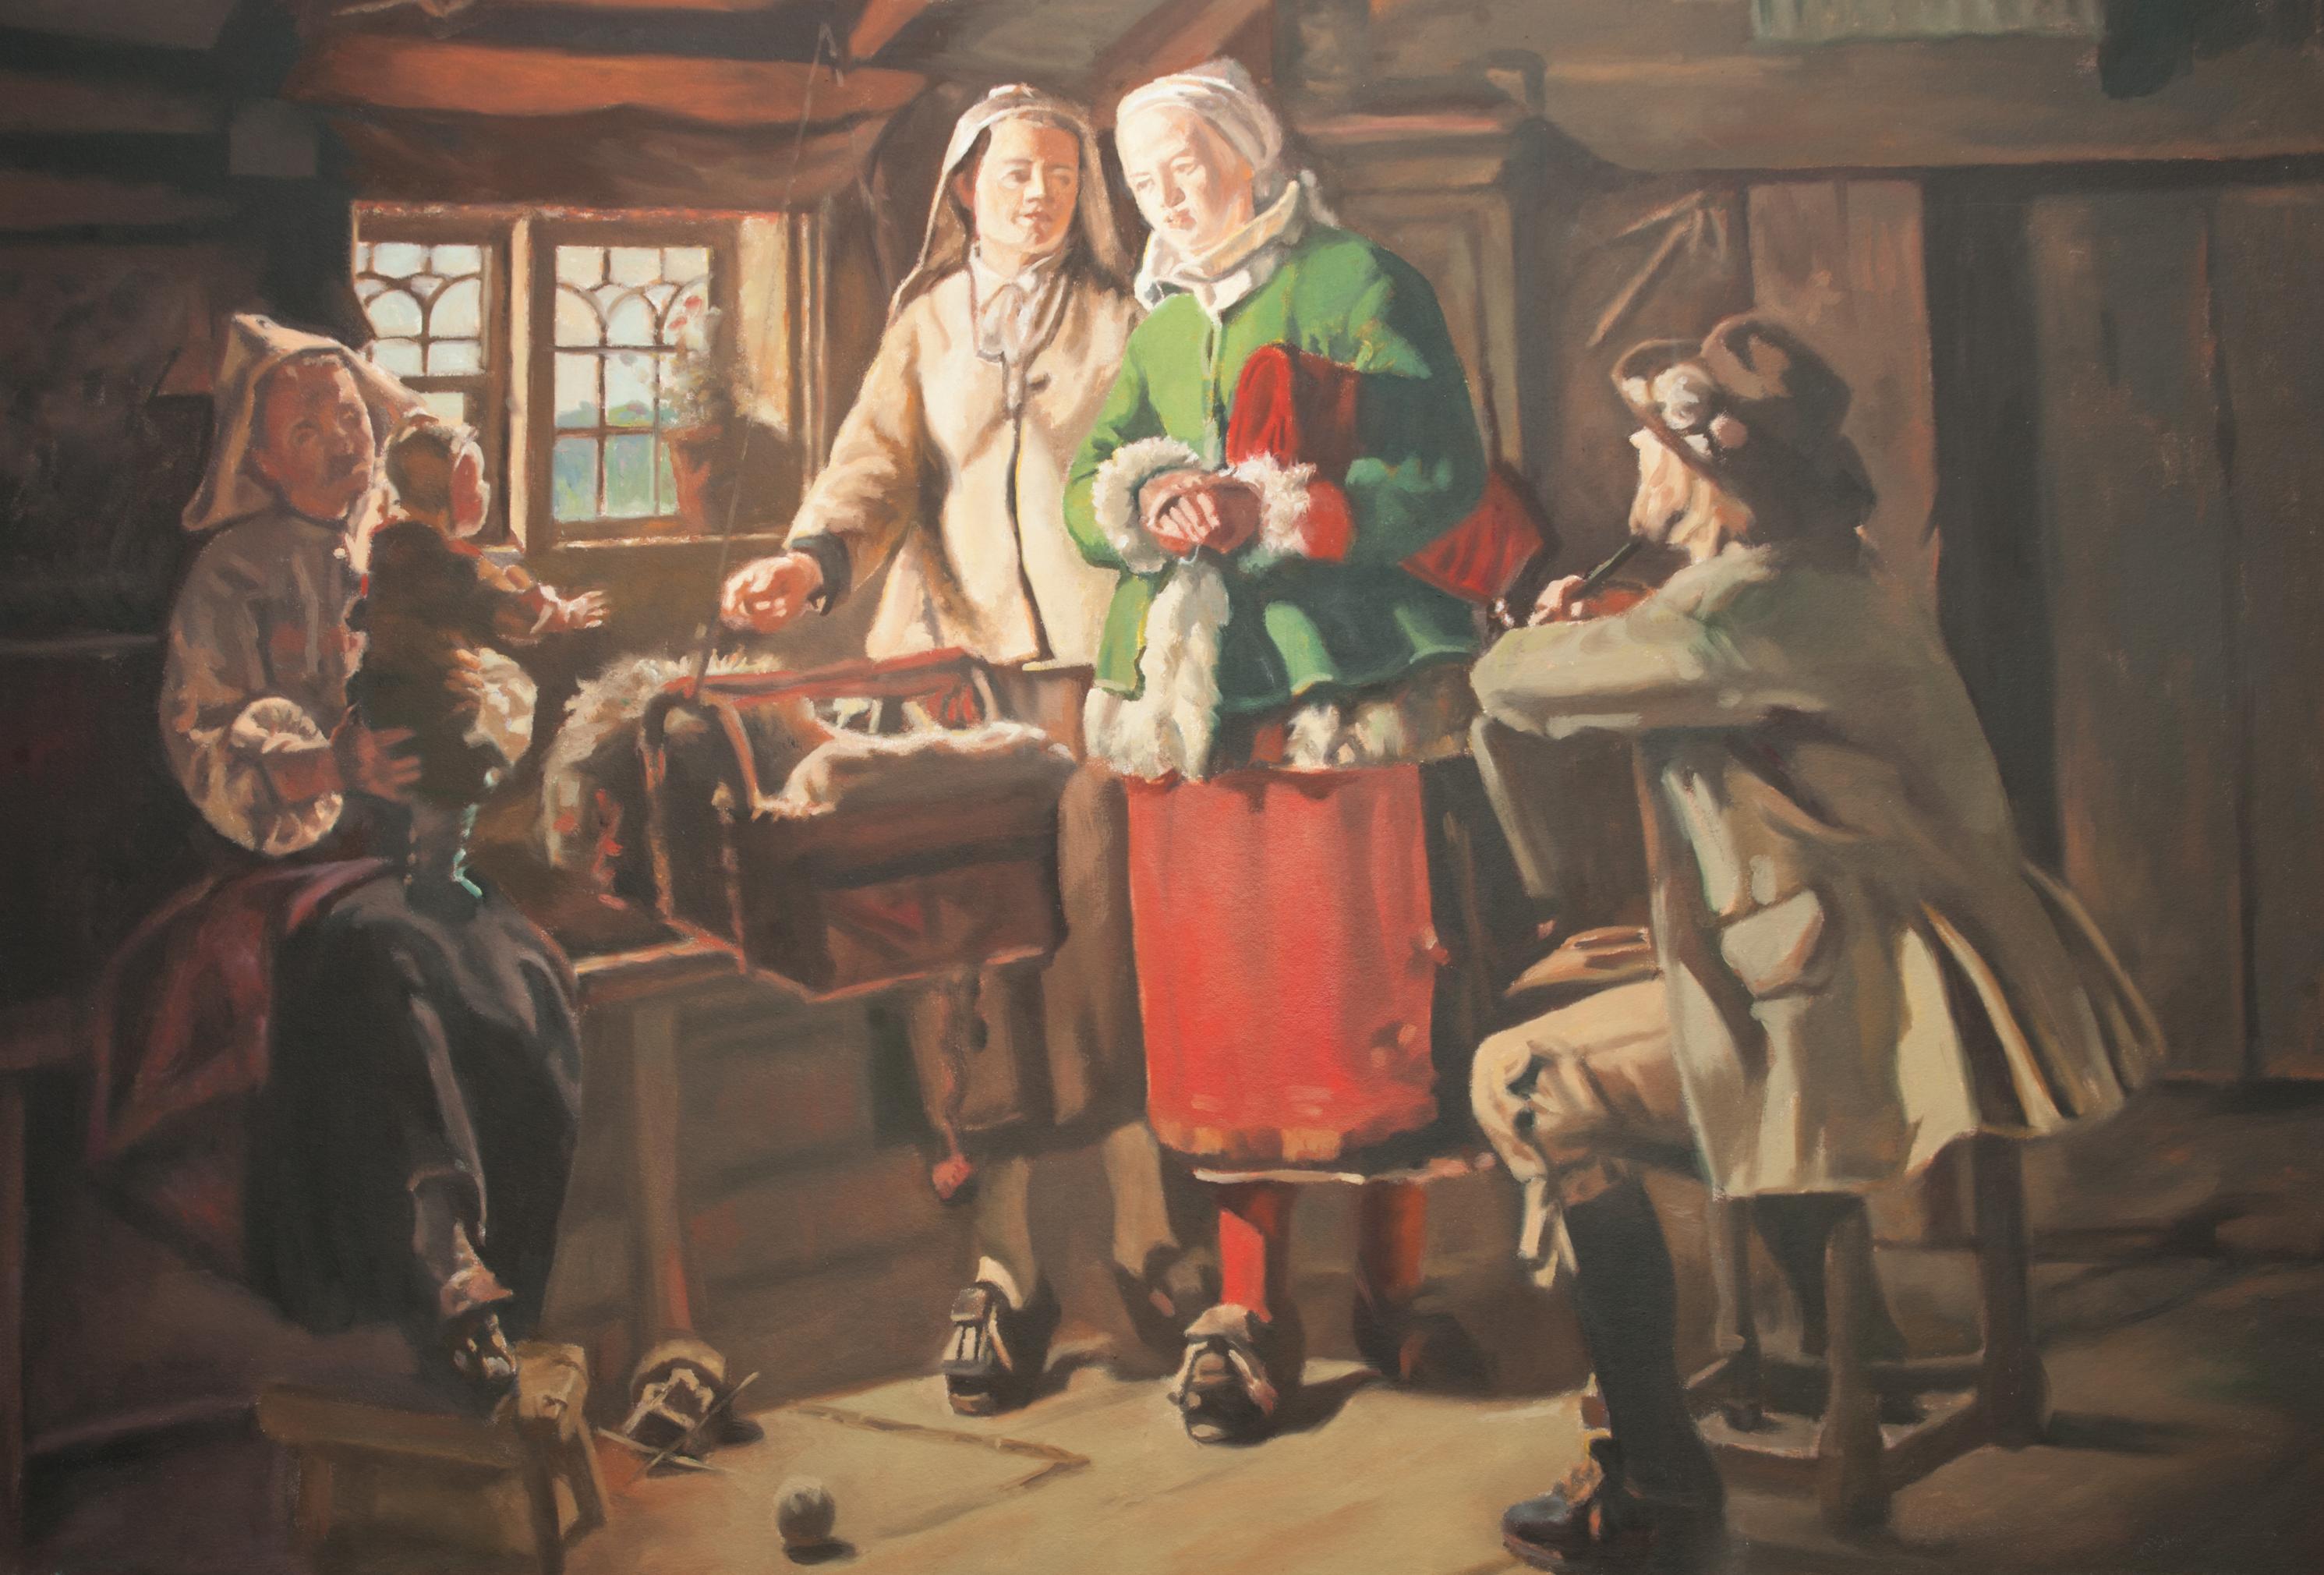 Reproduktion av Claes-Åke Schlönzig - Johan Fredrik Höckert - Gudmors besök - Klicka för att byta till perspektivbild.